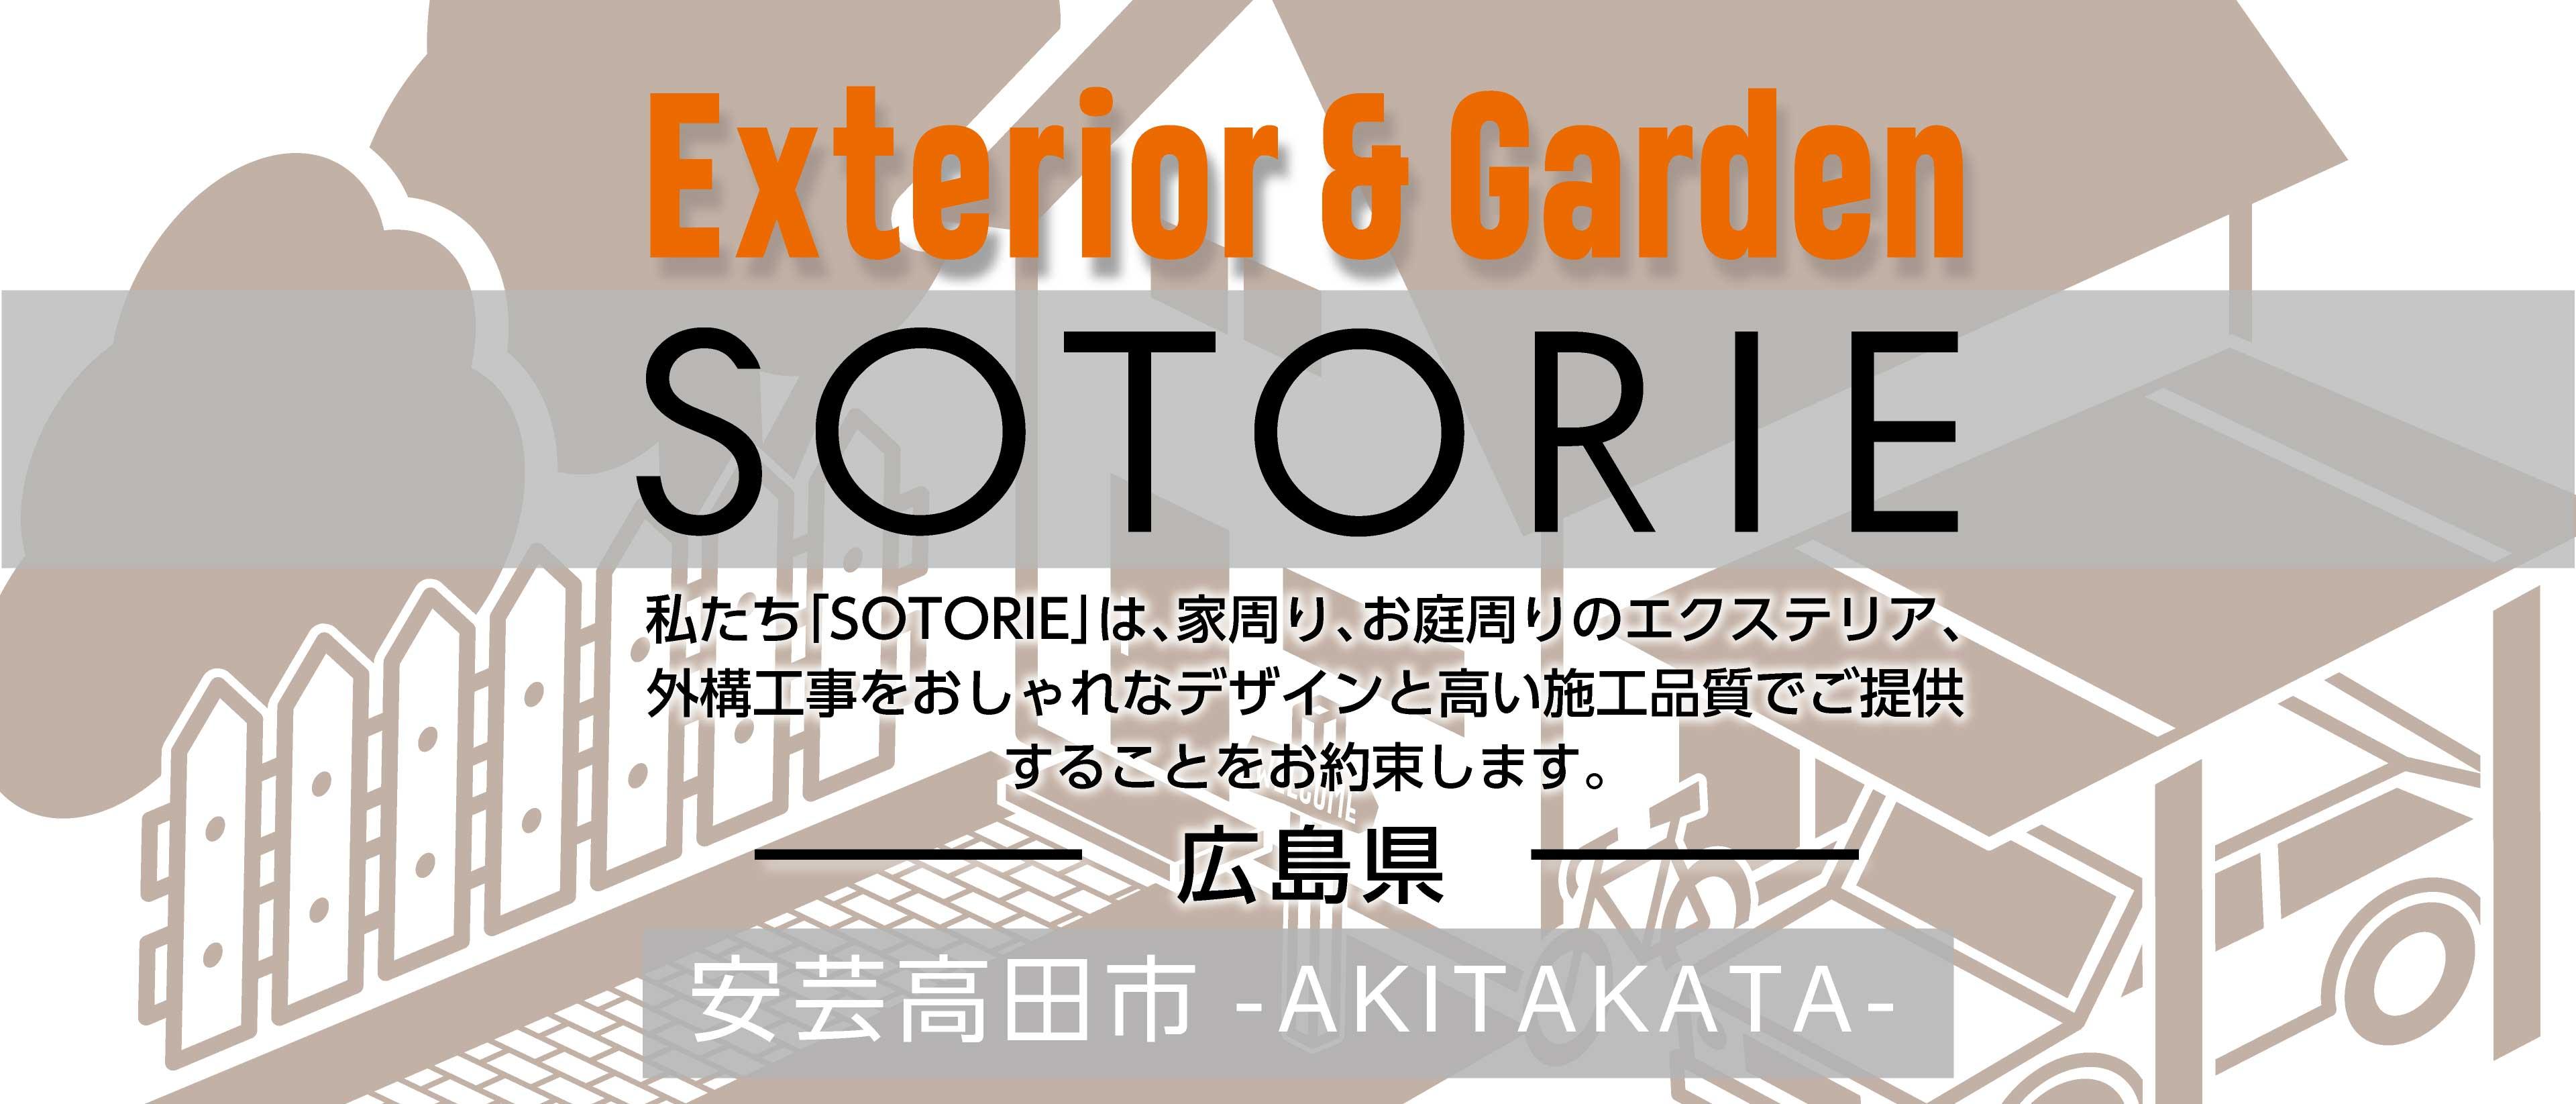 ソトリエ安芸高田市では、家周りと庭周りの外構、エクステリア工事をおしゃれなデザインと高い施工品質でご提供することをお約束します。